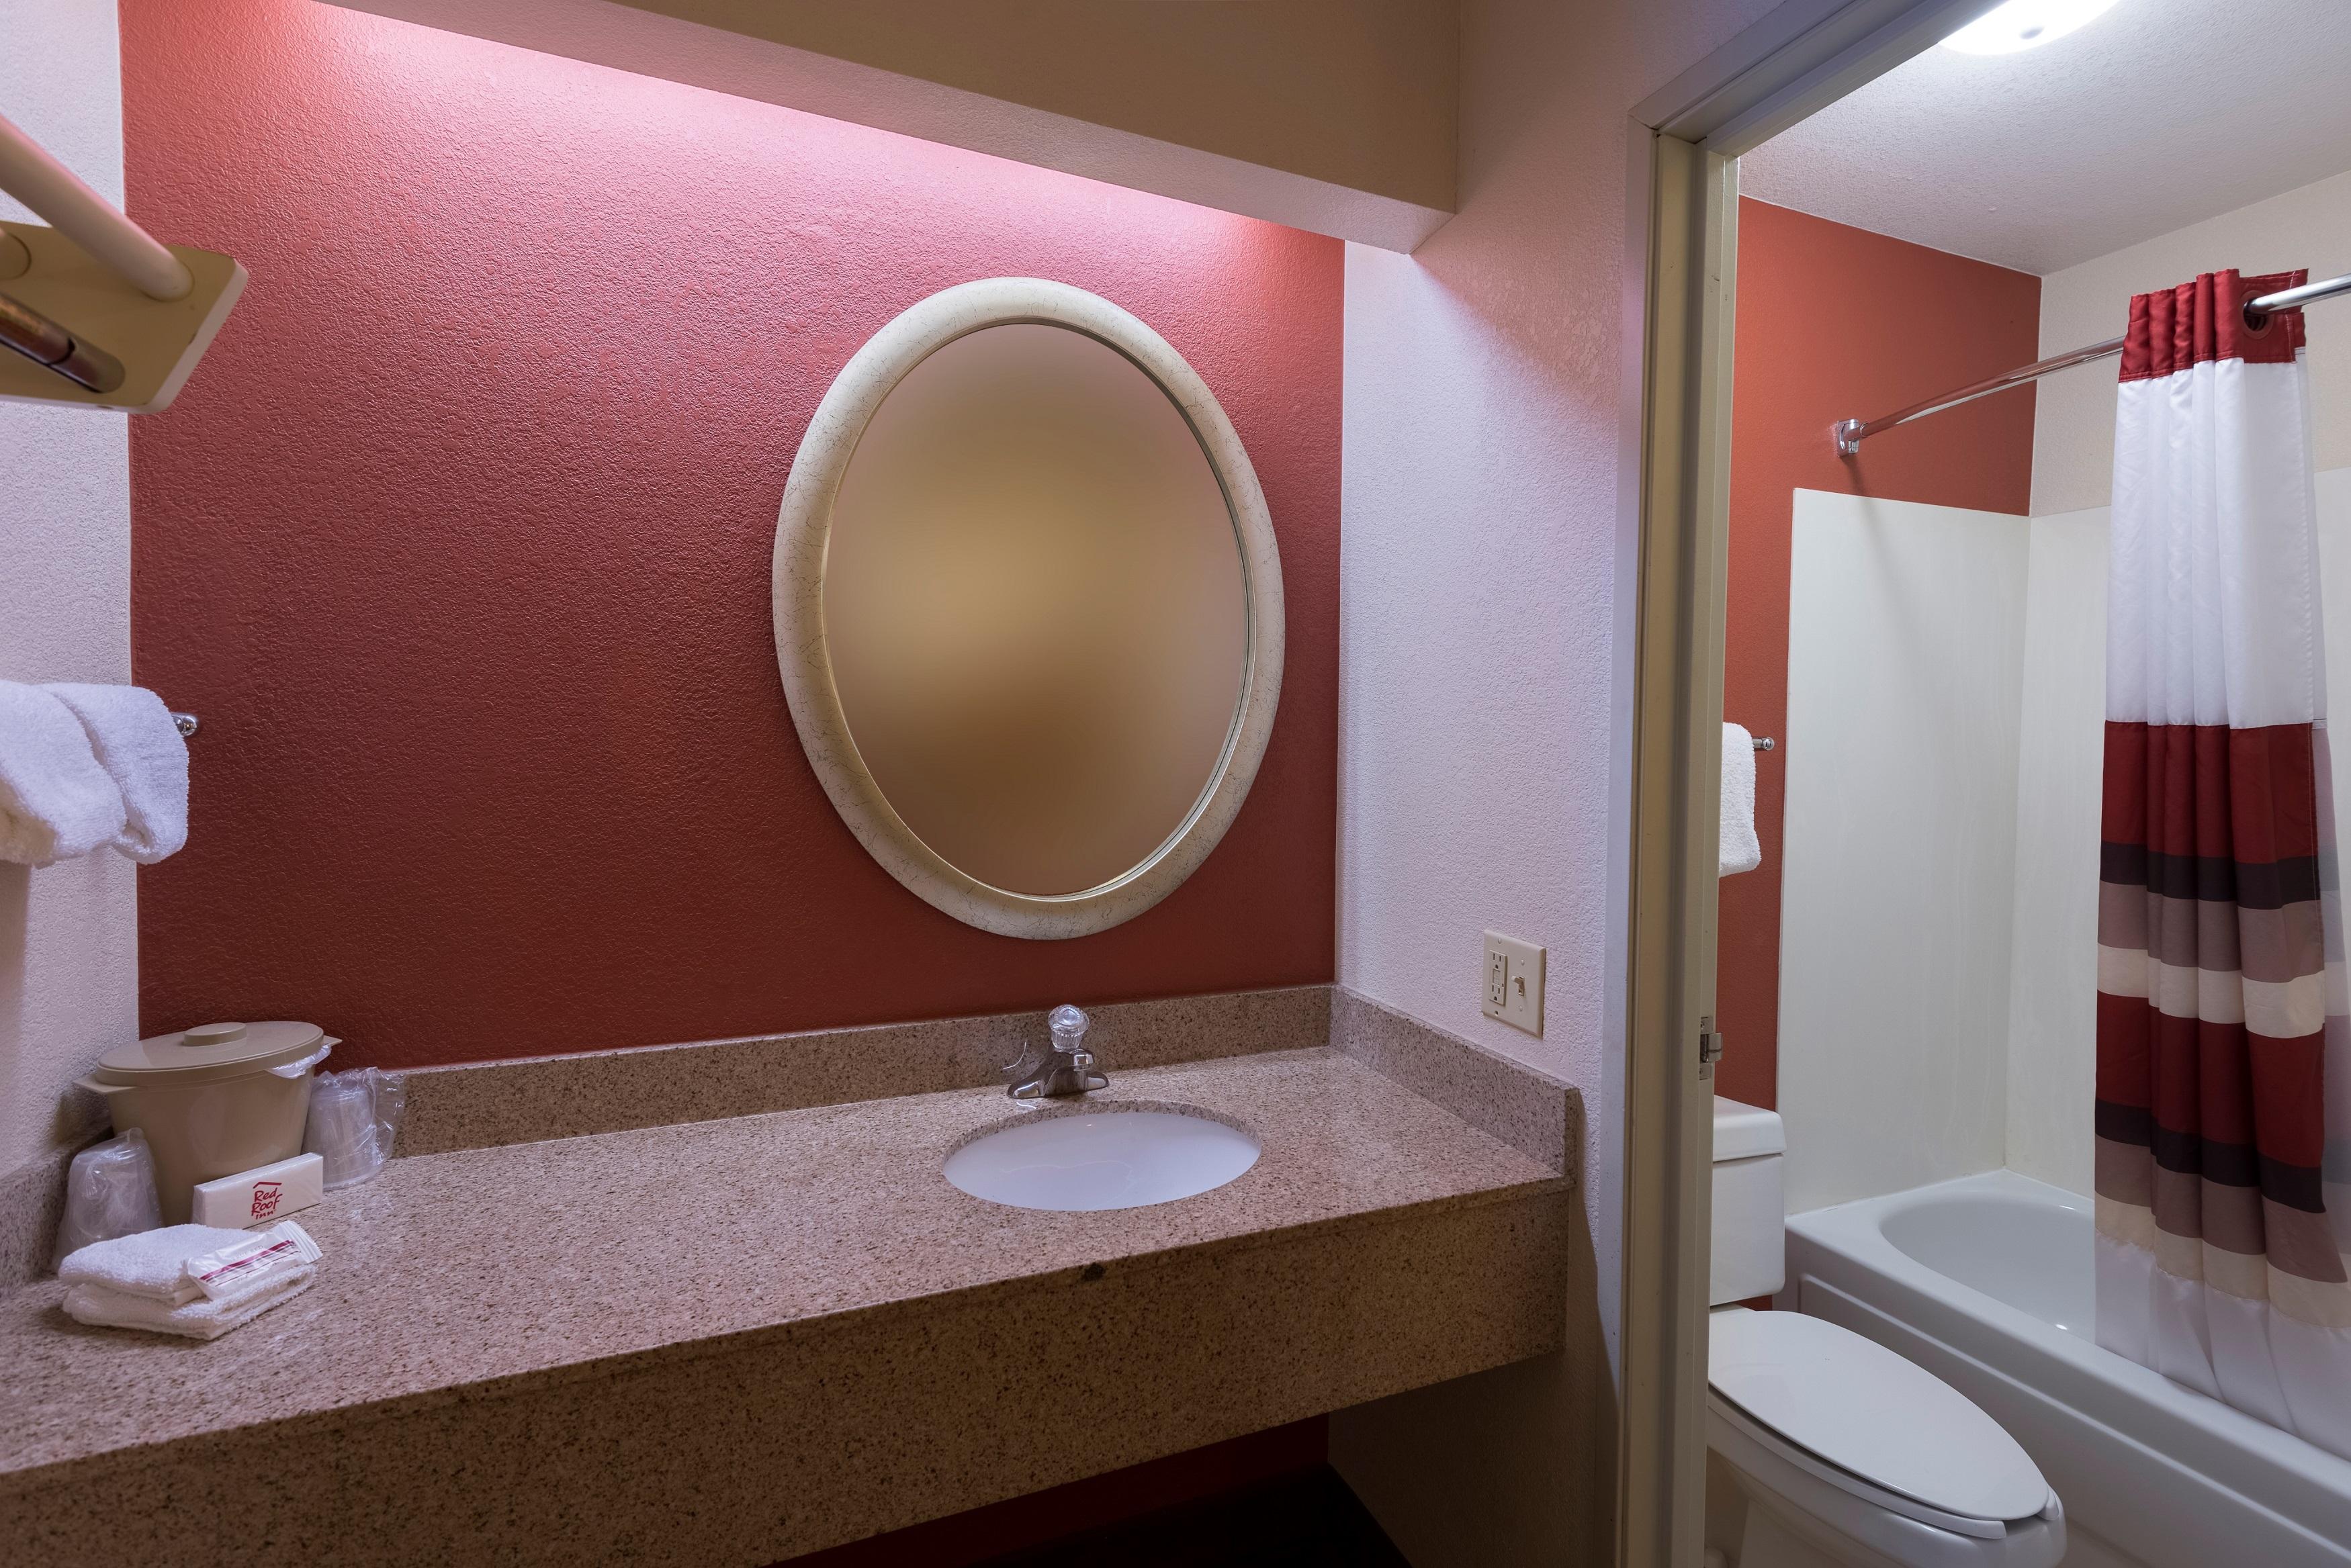 223-vanity-bath.jpg